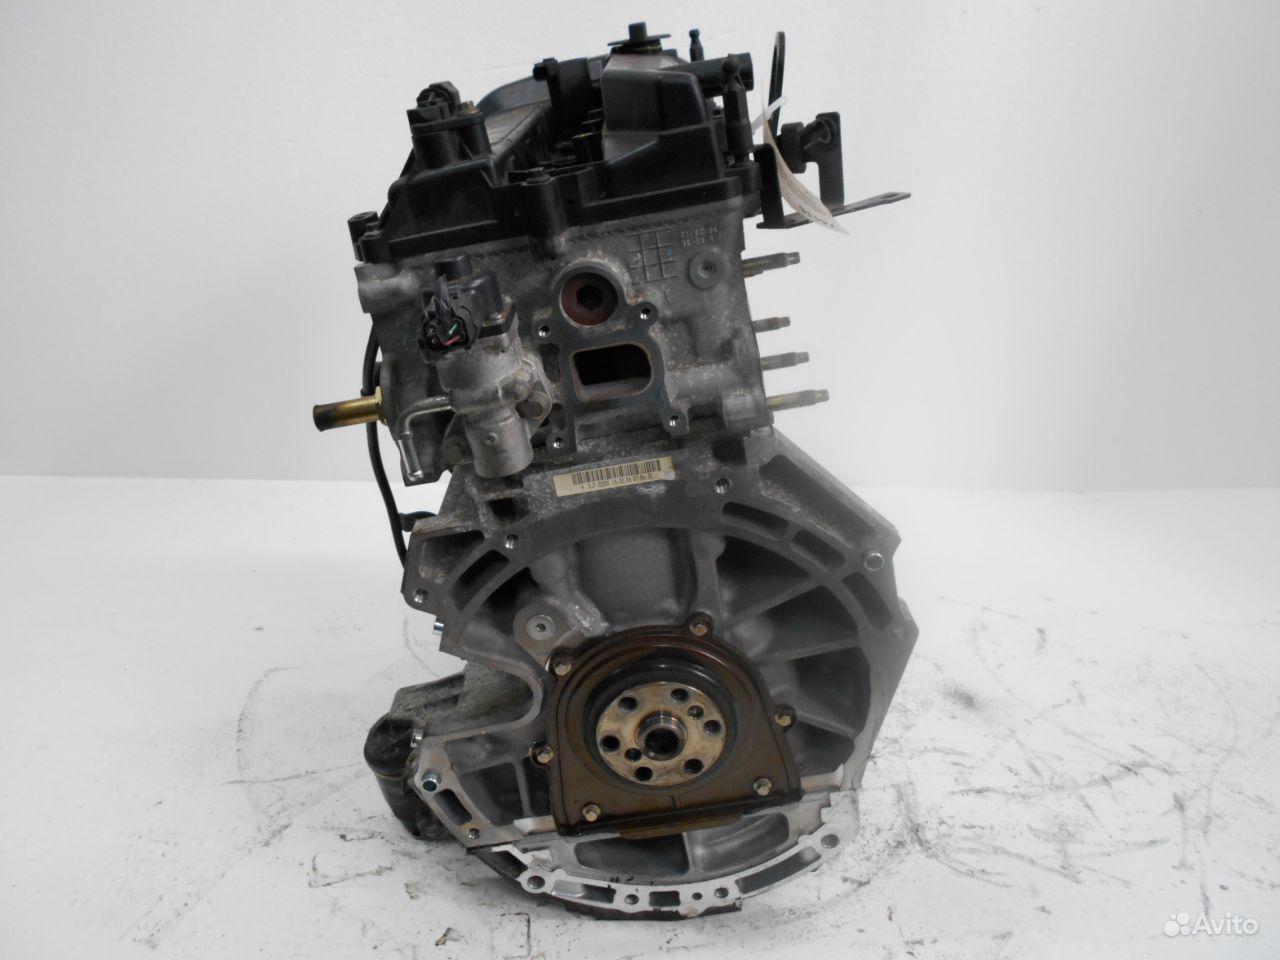 Бу двигатель Ford Форд 1Z (2)   Где купить?Как выбрать